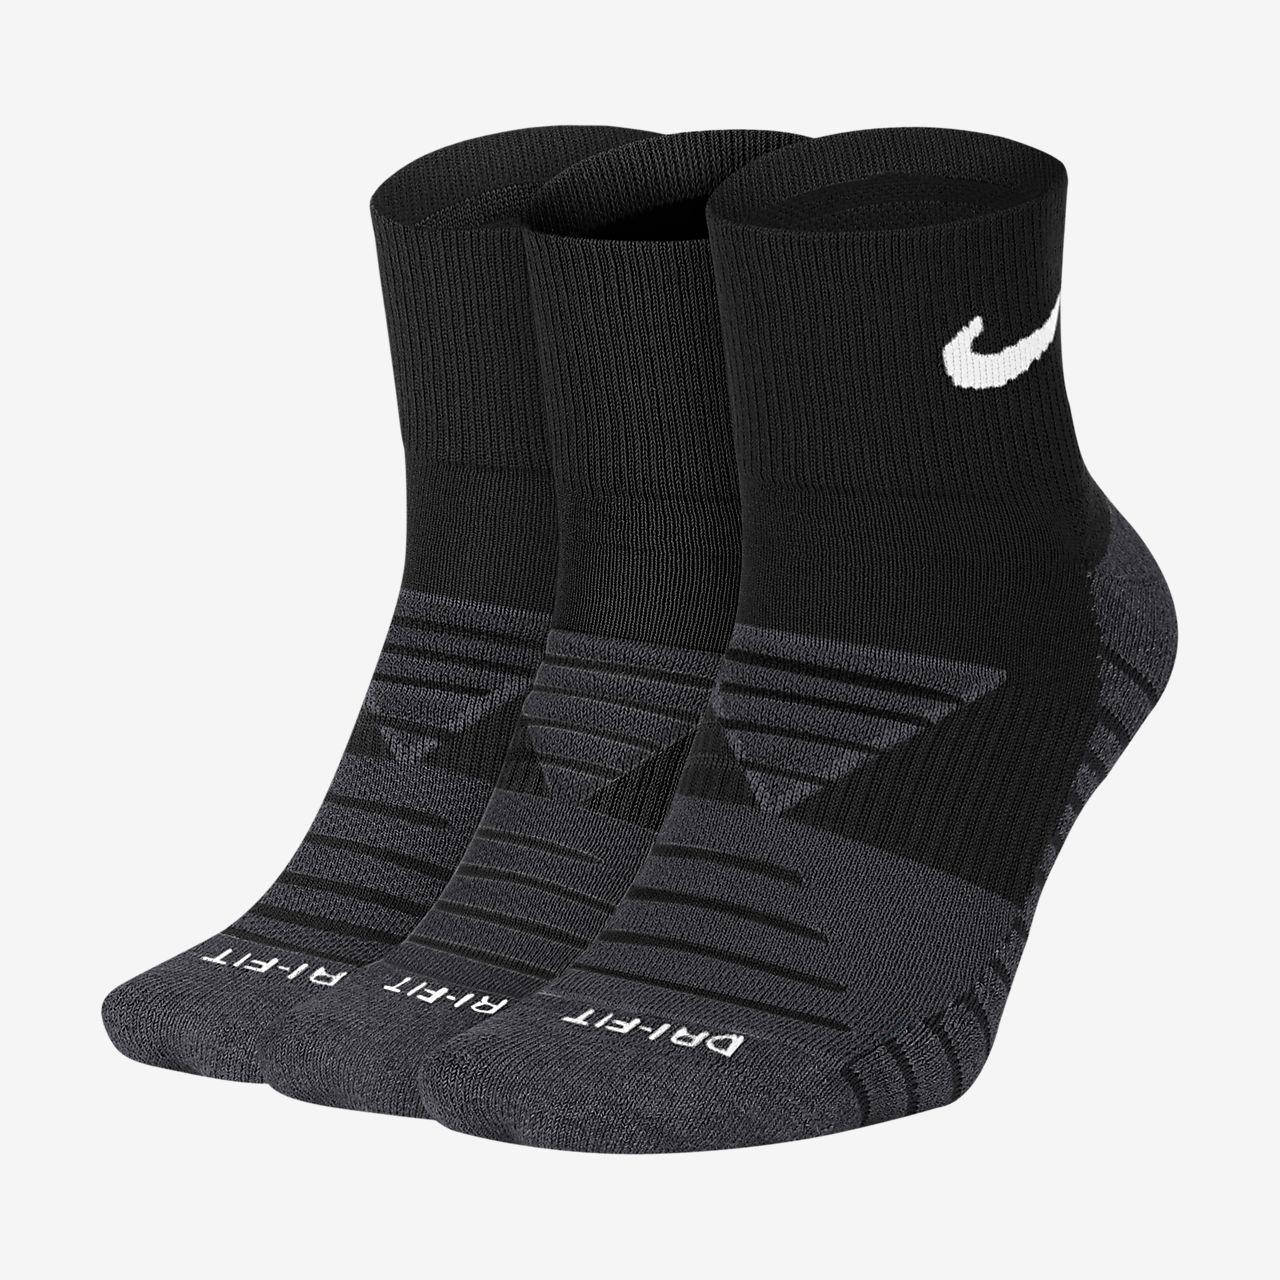 Vristhöga träningsstrumpor Nike Everyday Max Cushioned (3 par)